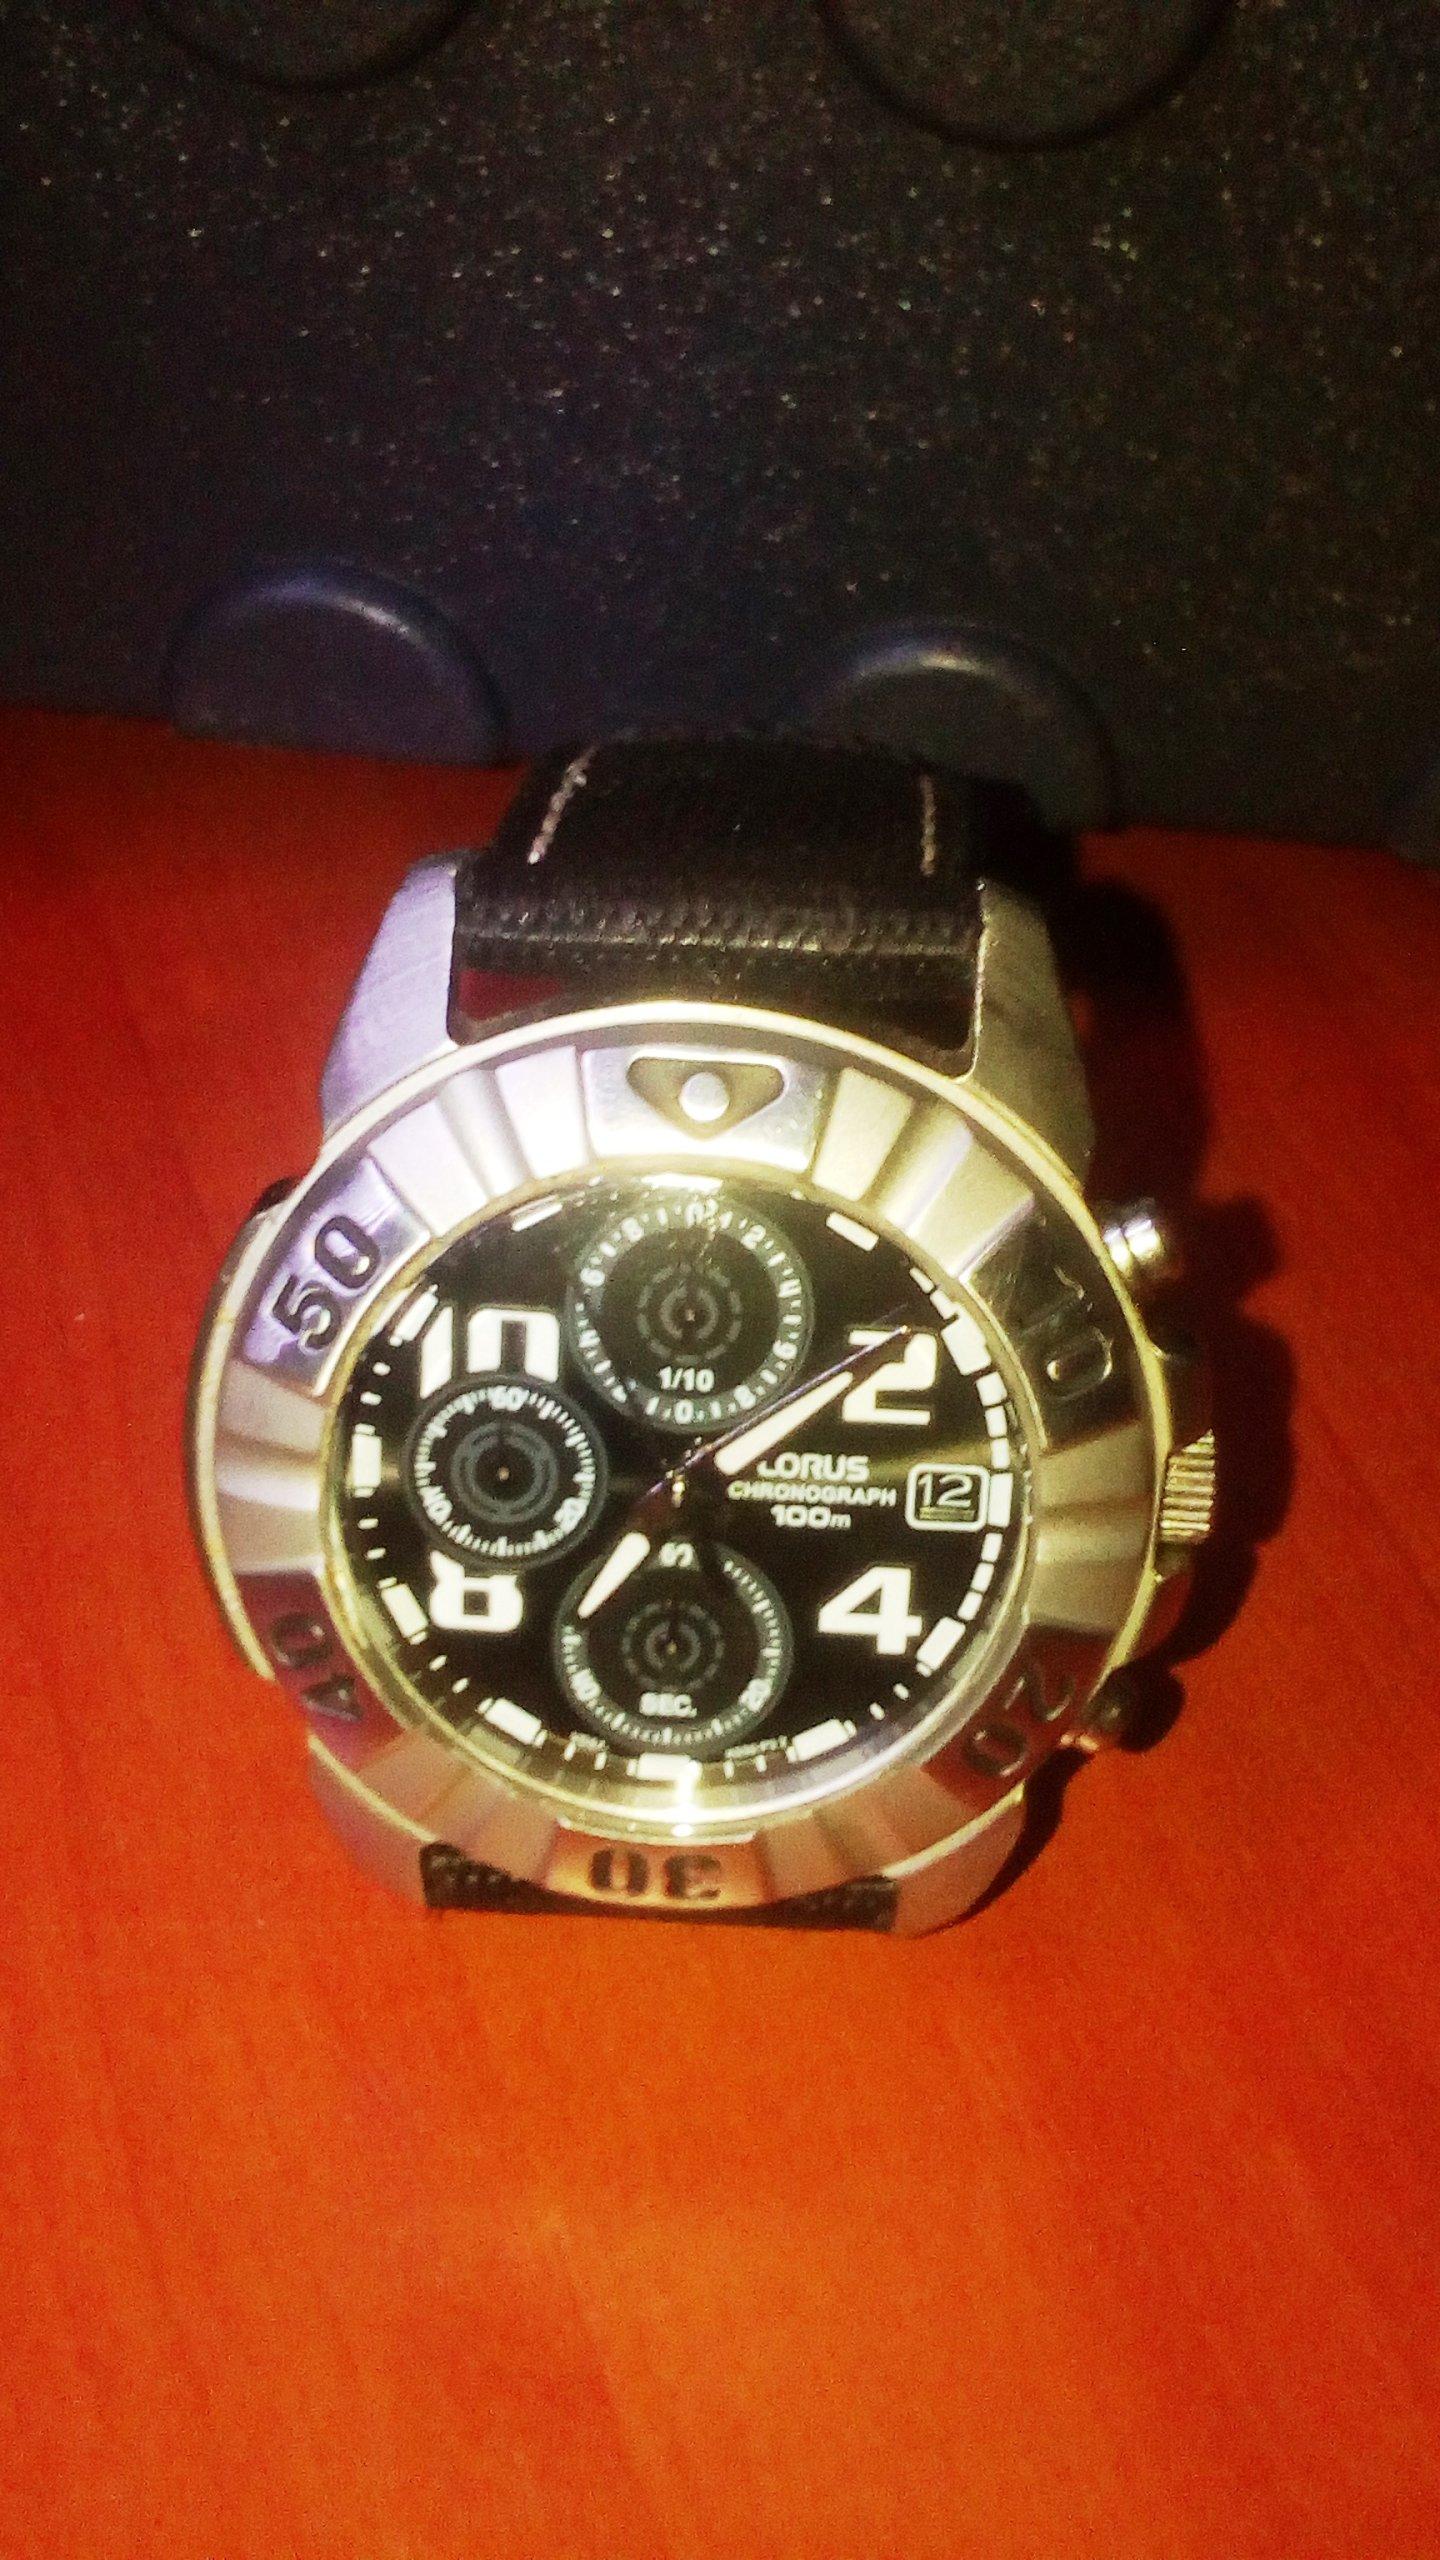 Zegarek męski Lorus VD57-K021. Jedyna OKAZJA!!